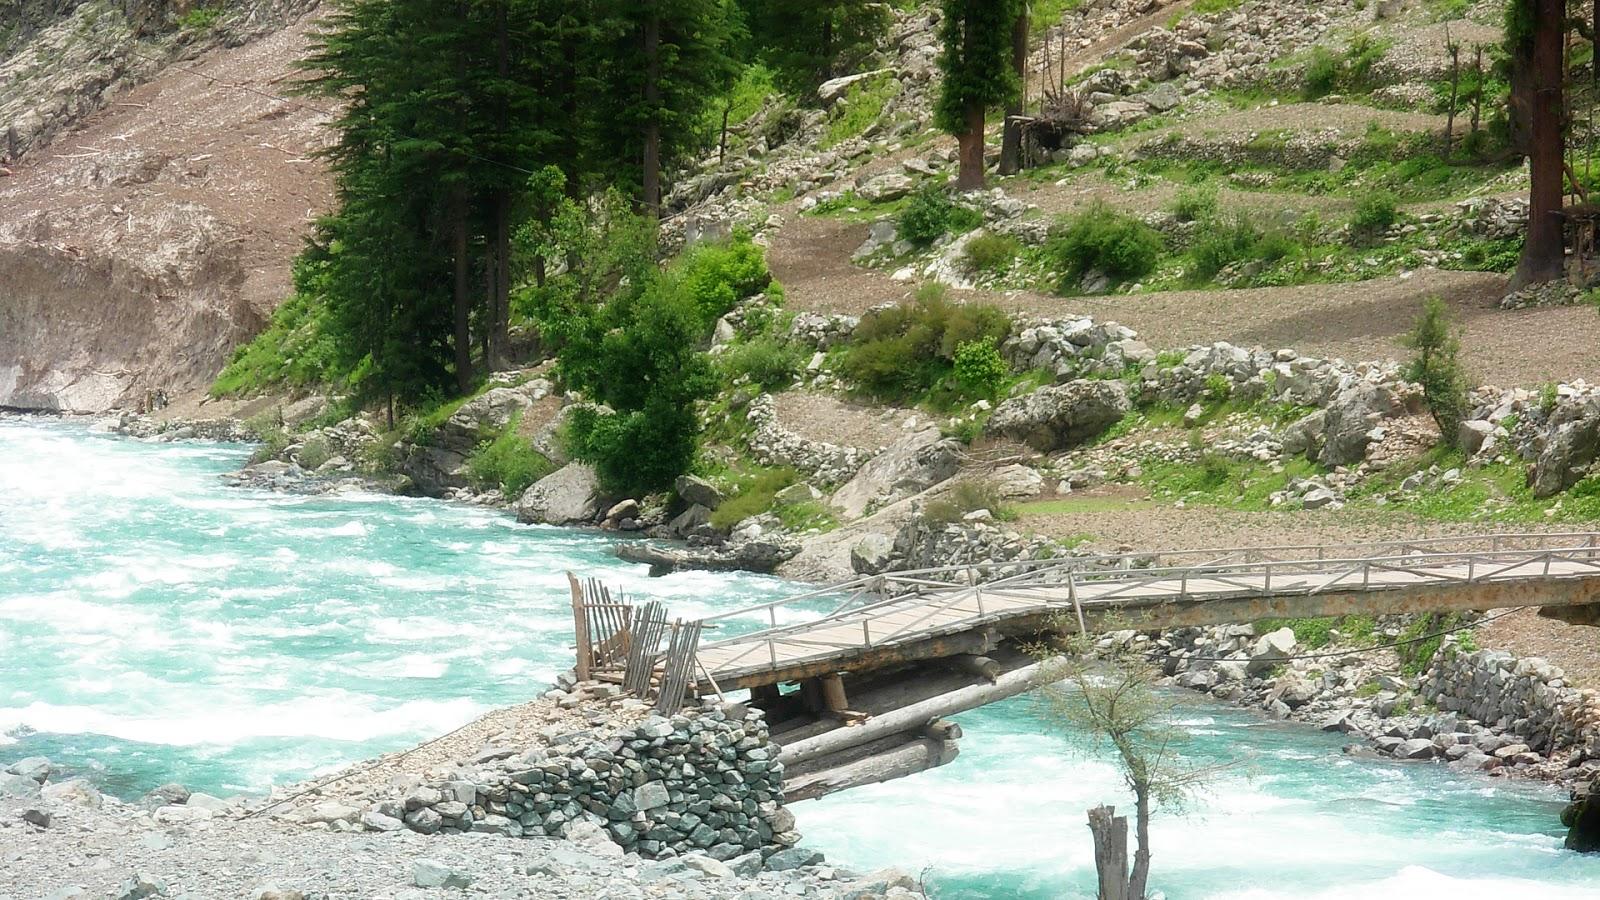 KPK Photo: Swat Valley, KPK Pakistan